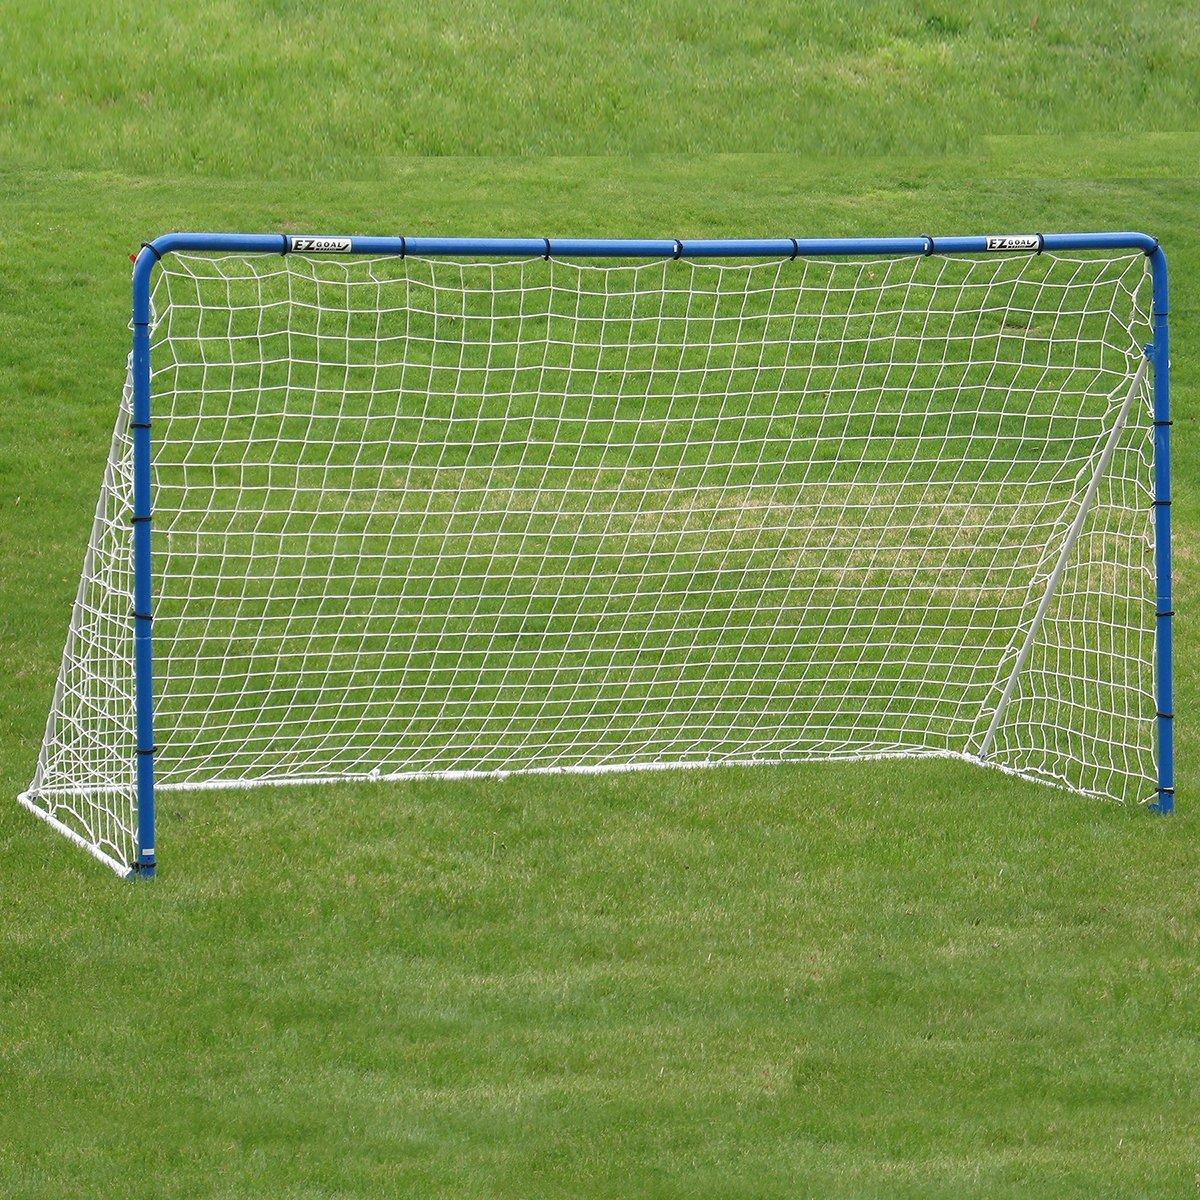 EZGoal Soccer Goal Net & Practice Rebounder 12' x 6' Blue/White [並行輸入品] B075K5CSF4